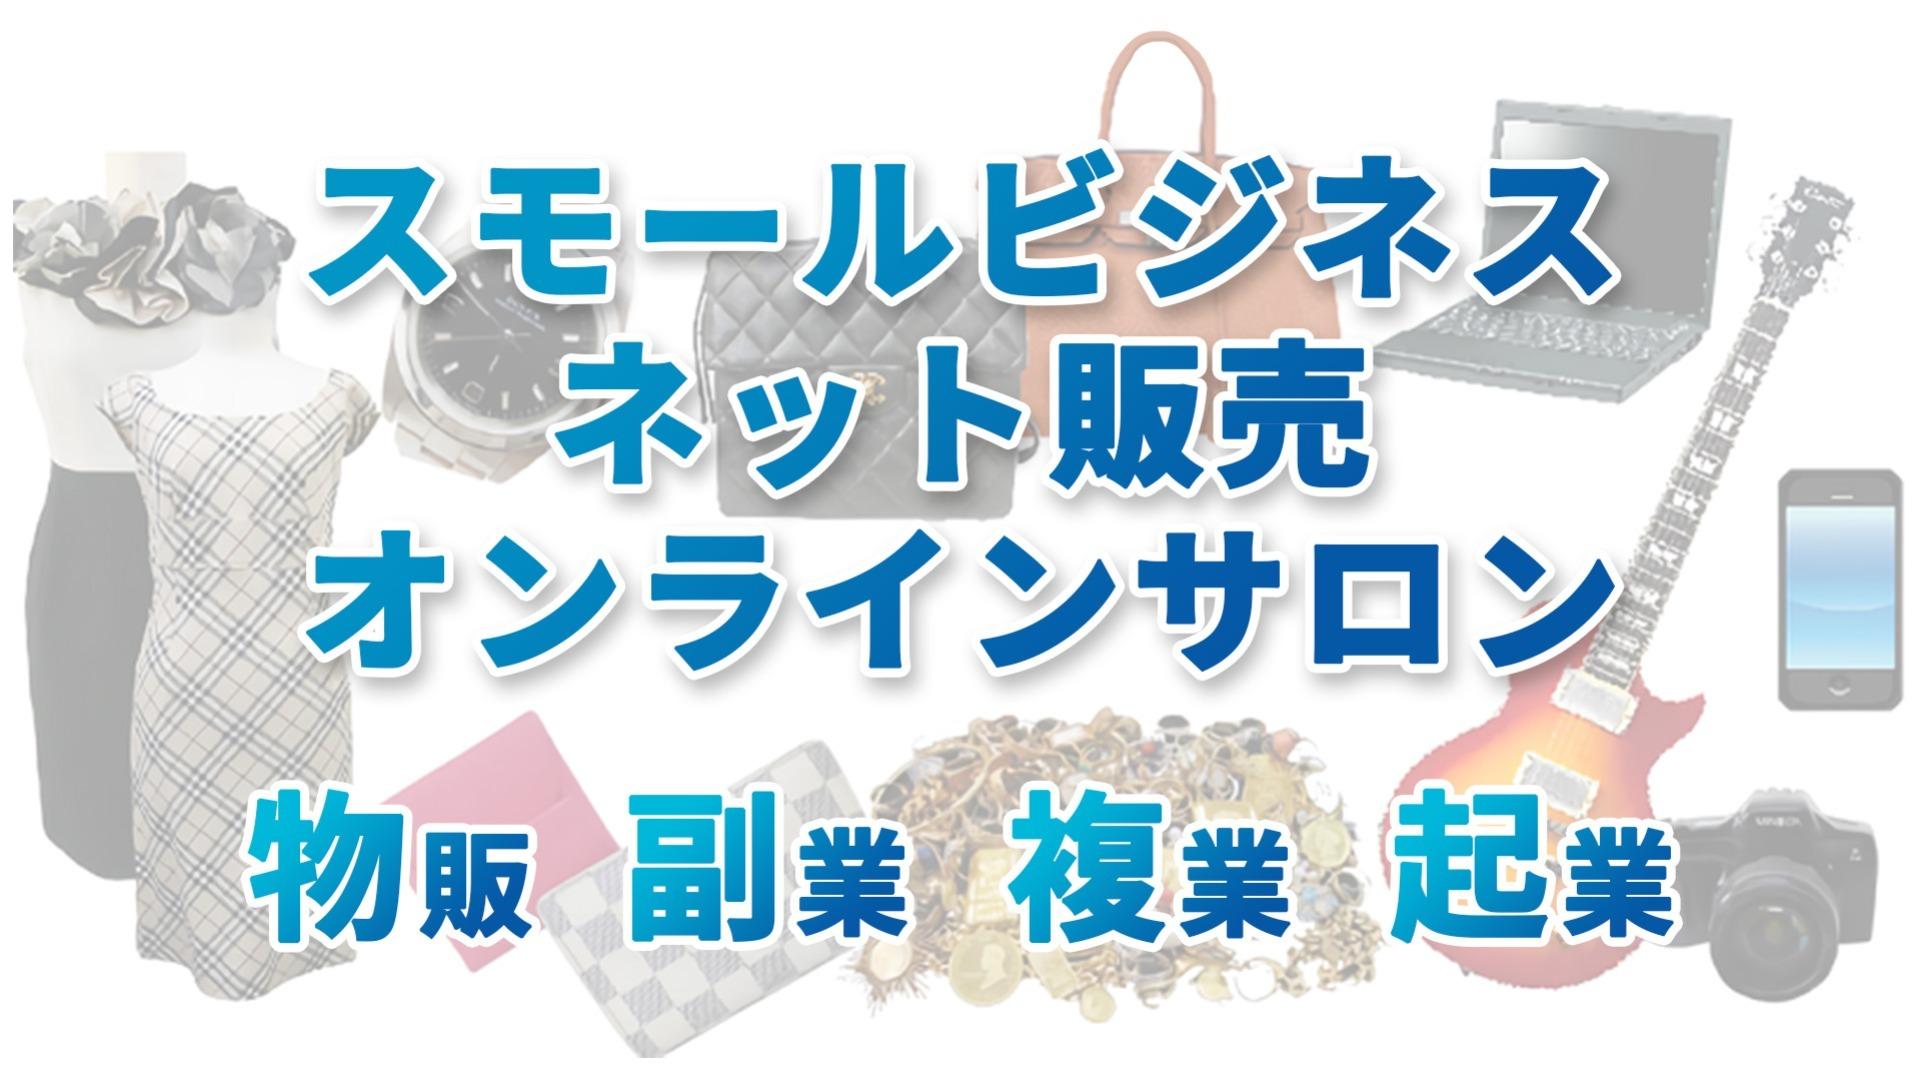 泉澤義明 - ワクワク ネット販売アカデミー - DMM オンラインサロン